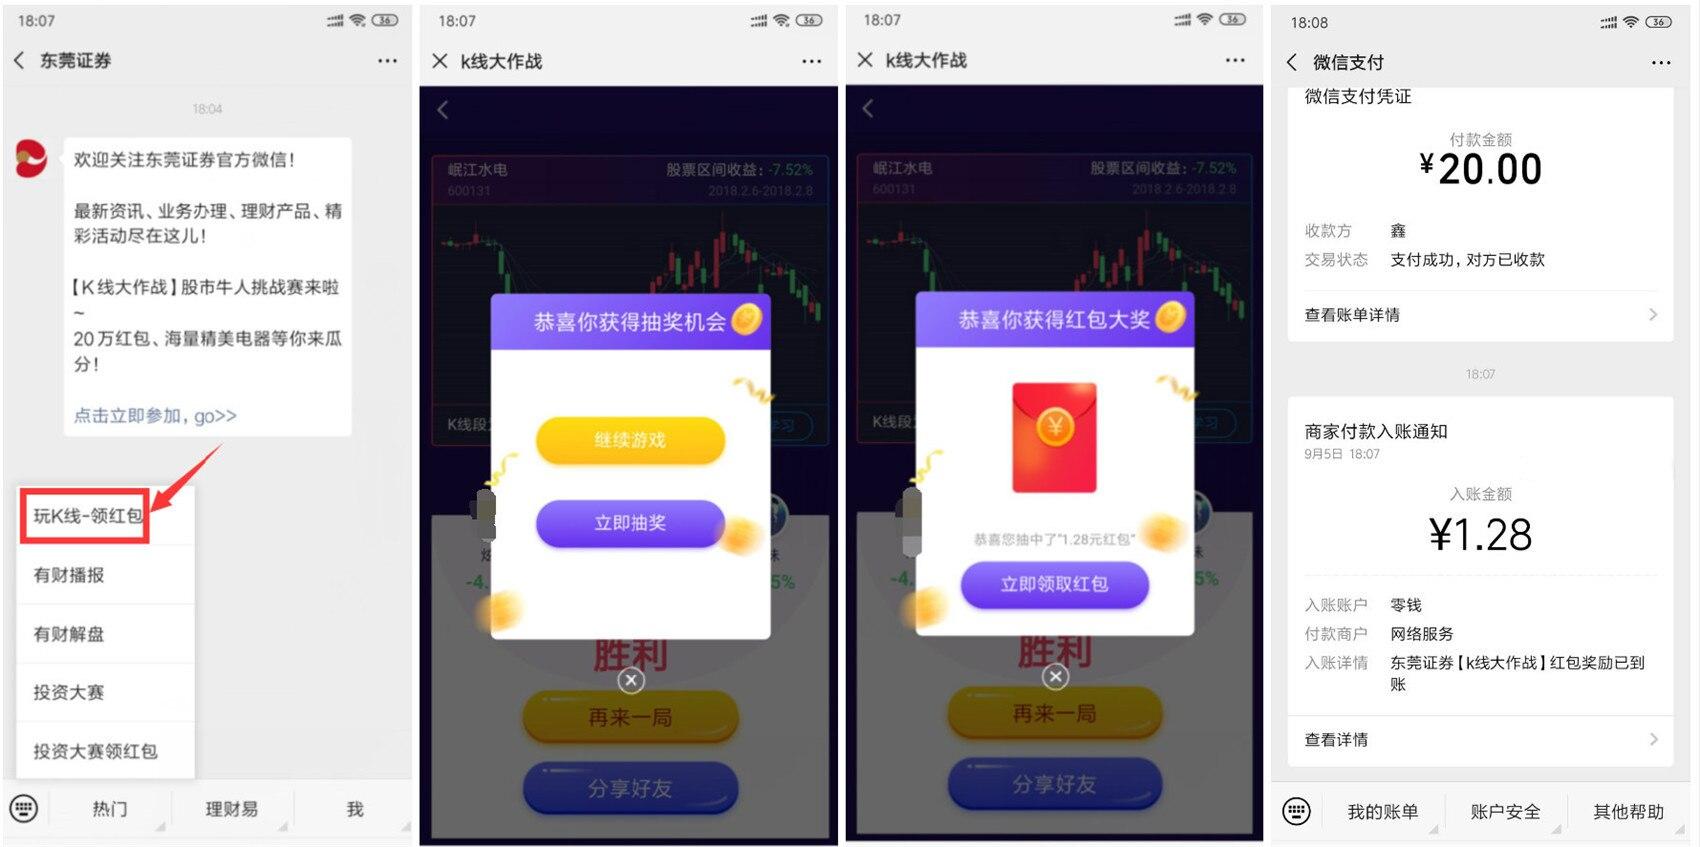 东莞证券玩K线撸多个红包